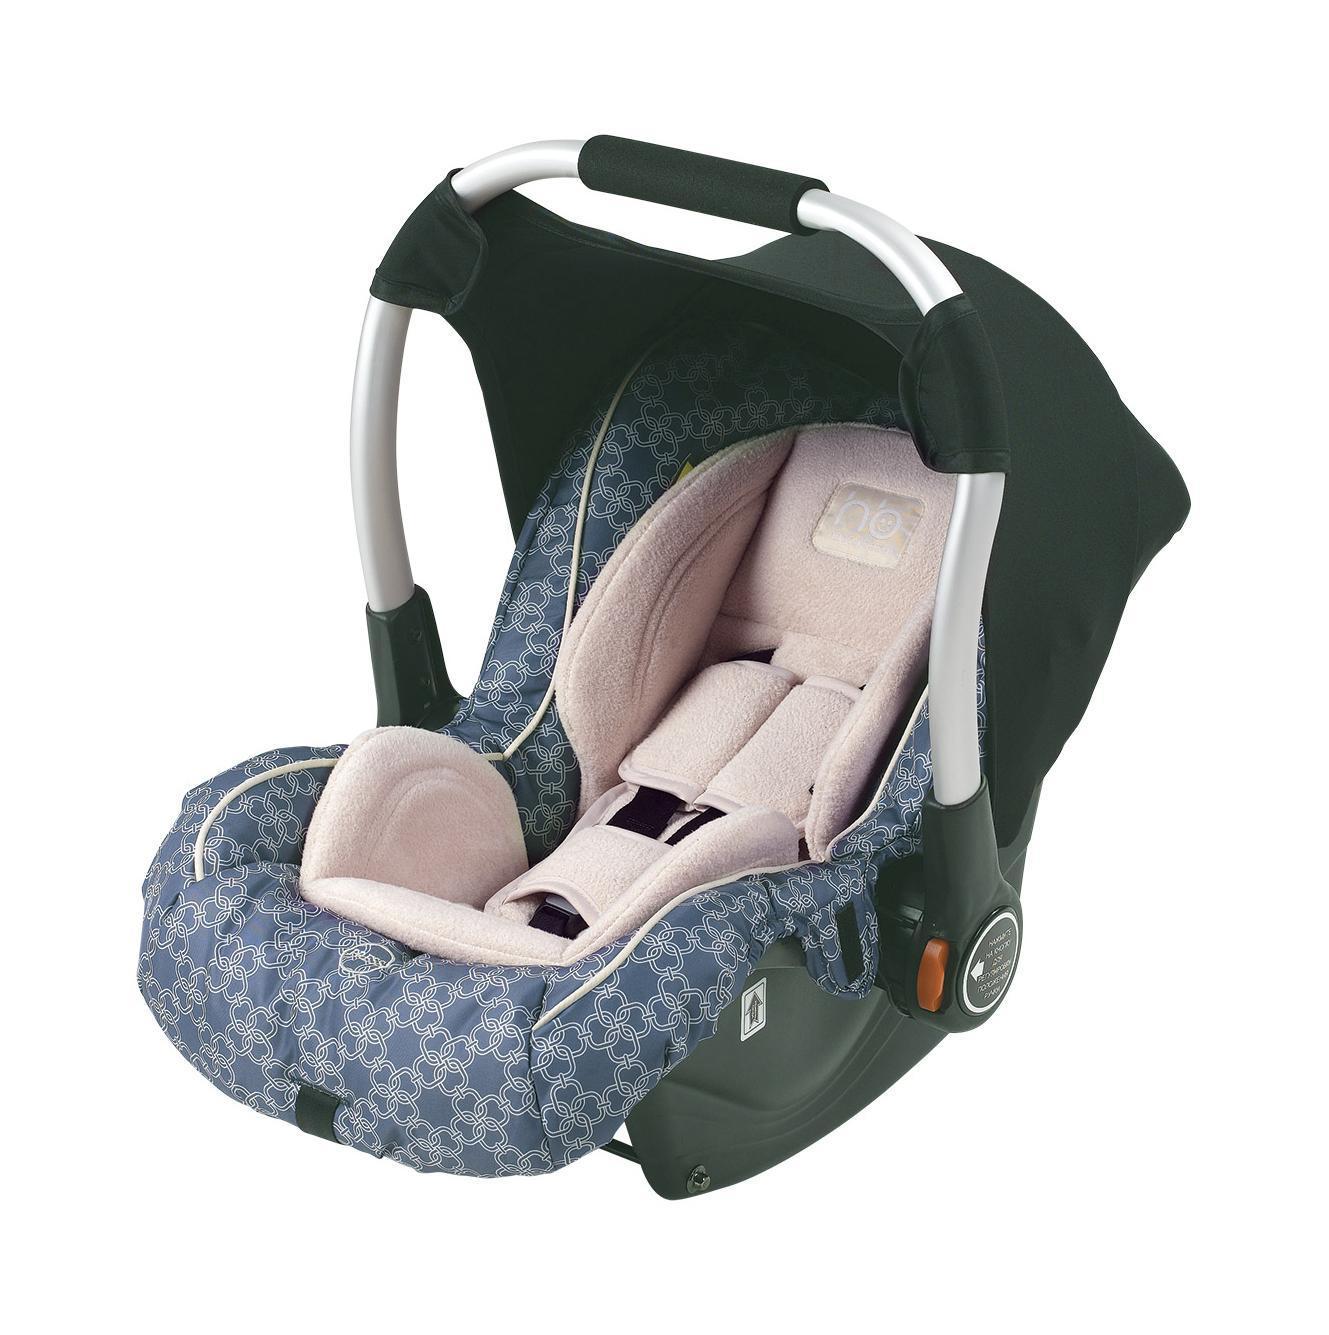 Автокресло Happy Baby Gelios цвет синий4690624016677Happy Baby Gelios — автокресло-переноска группы 0+ (для детей с рождения до 13 кг). Данная модель обладает всеми необходимыми функциями для обеспечения безопасности: трехточечными ремнями безопасности, боковой защитой и прочным корпусом. Комфорт в дороге обеспечивают мягкий вкладыш для новорожденного, солнцезащитный козырек и чехол на ножки. Тканевая обивка легко стирается. Автокресло можно использовать как переноску или в качестве качалки. Отличительная особенность данной модели — ее маленький вес, всего 3,3 кг, что позволяет маме без труда нести кресло вместе с ребенком, не тревожа его сон. Трикотажный тент от солнца закрепляется на ручке для переноски. Автокресло крепится в автомобиле с помощью трехточечных штатных ремней безопасности и устанавливается лицом против движения автомобиля.